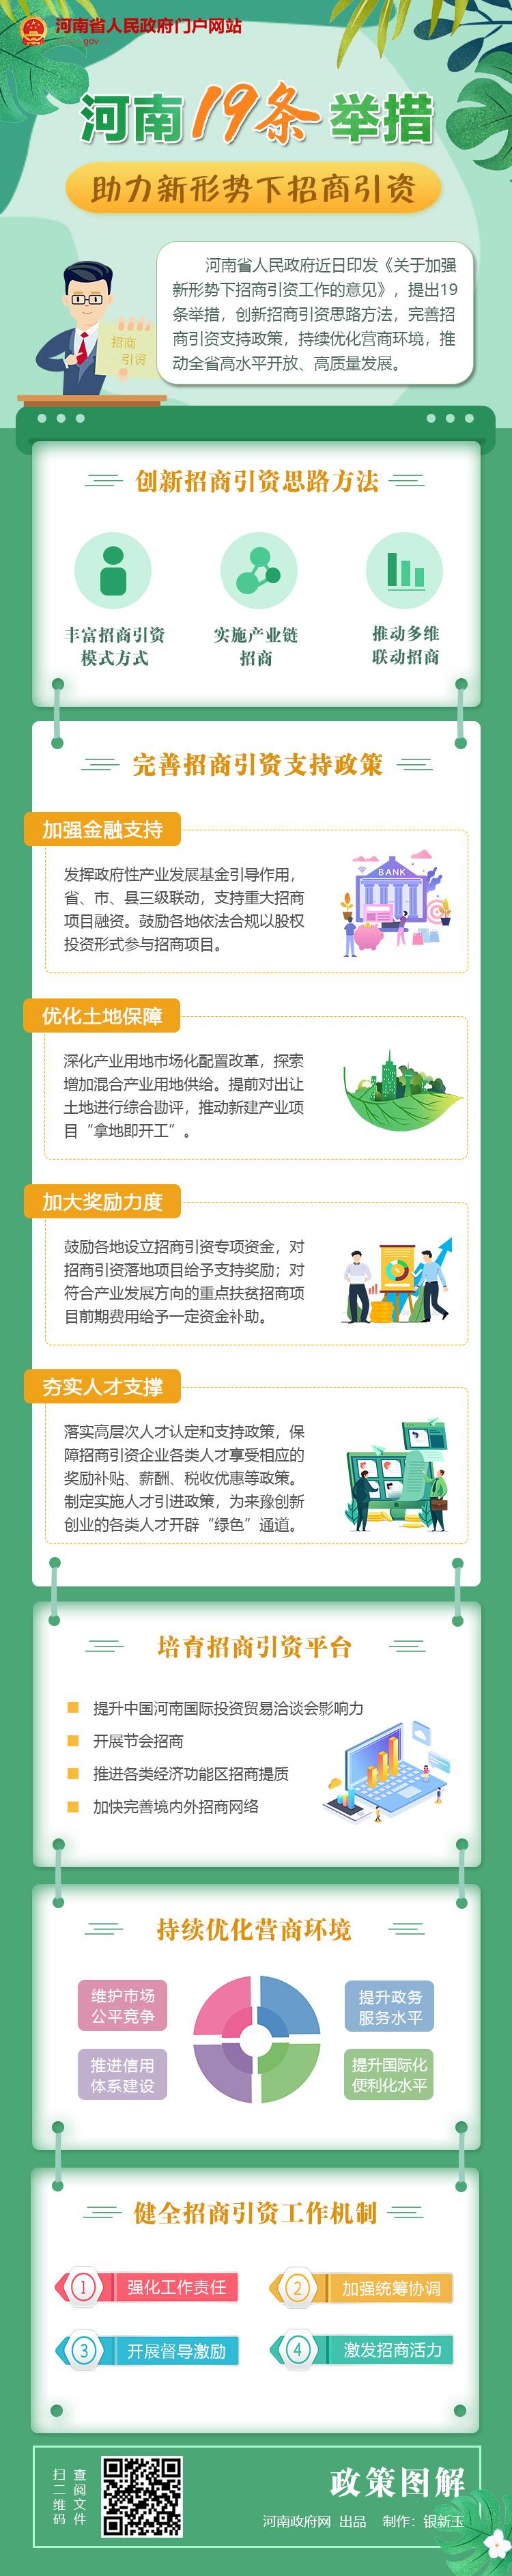 图解:河南省政府19条举措助力招商引资